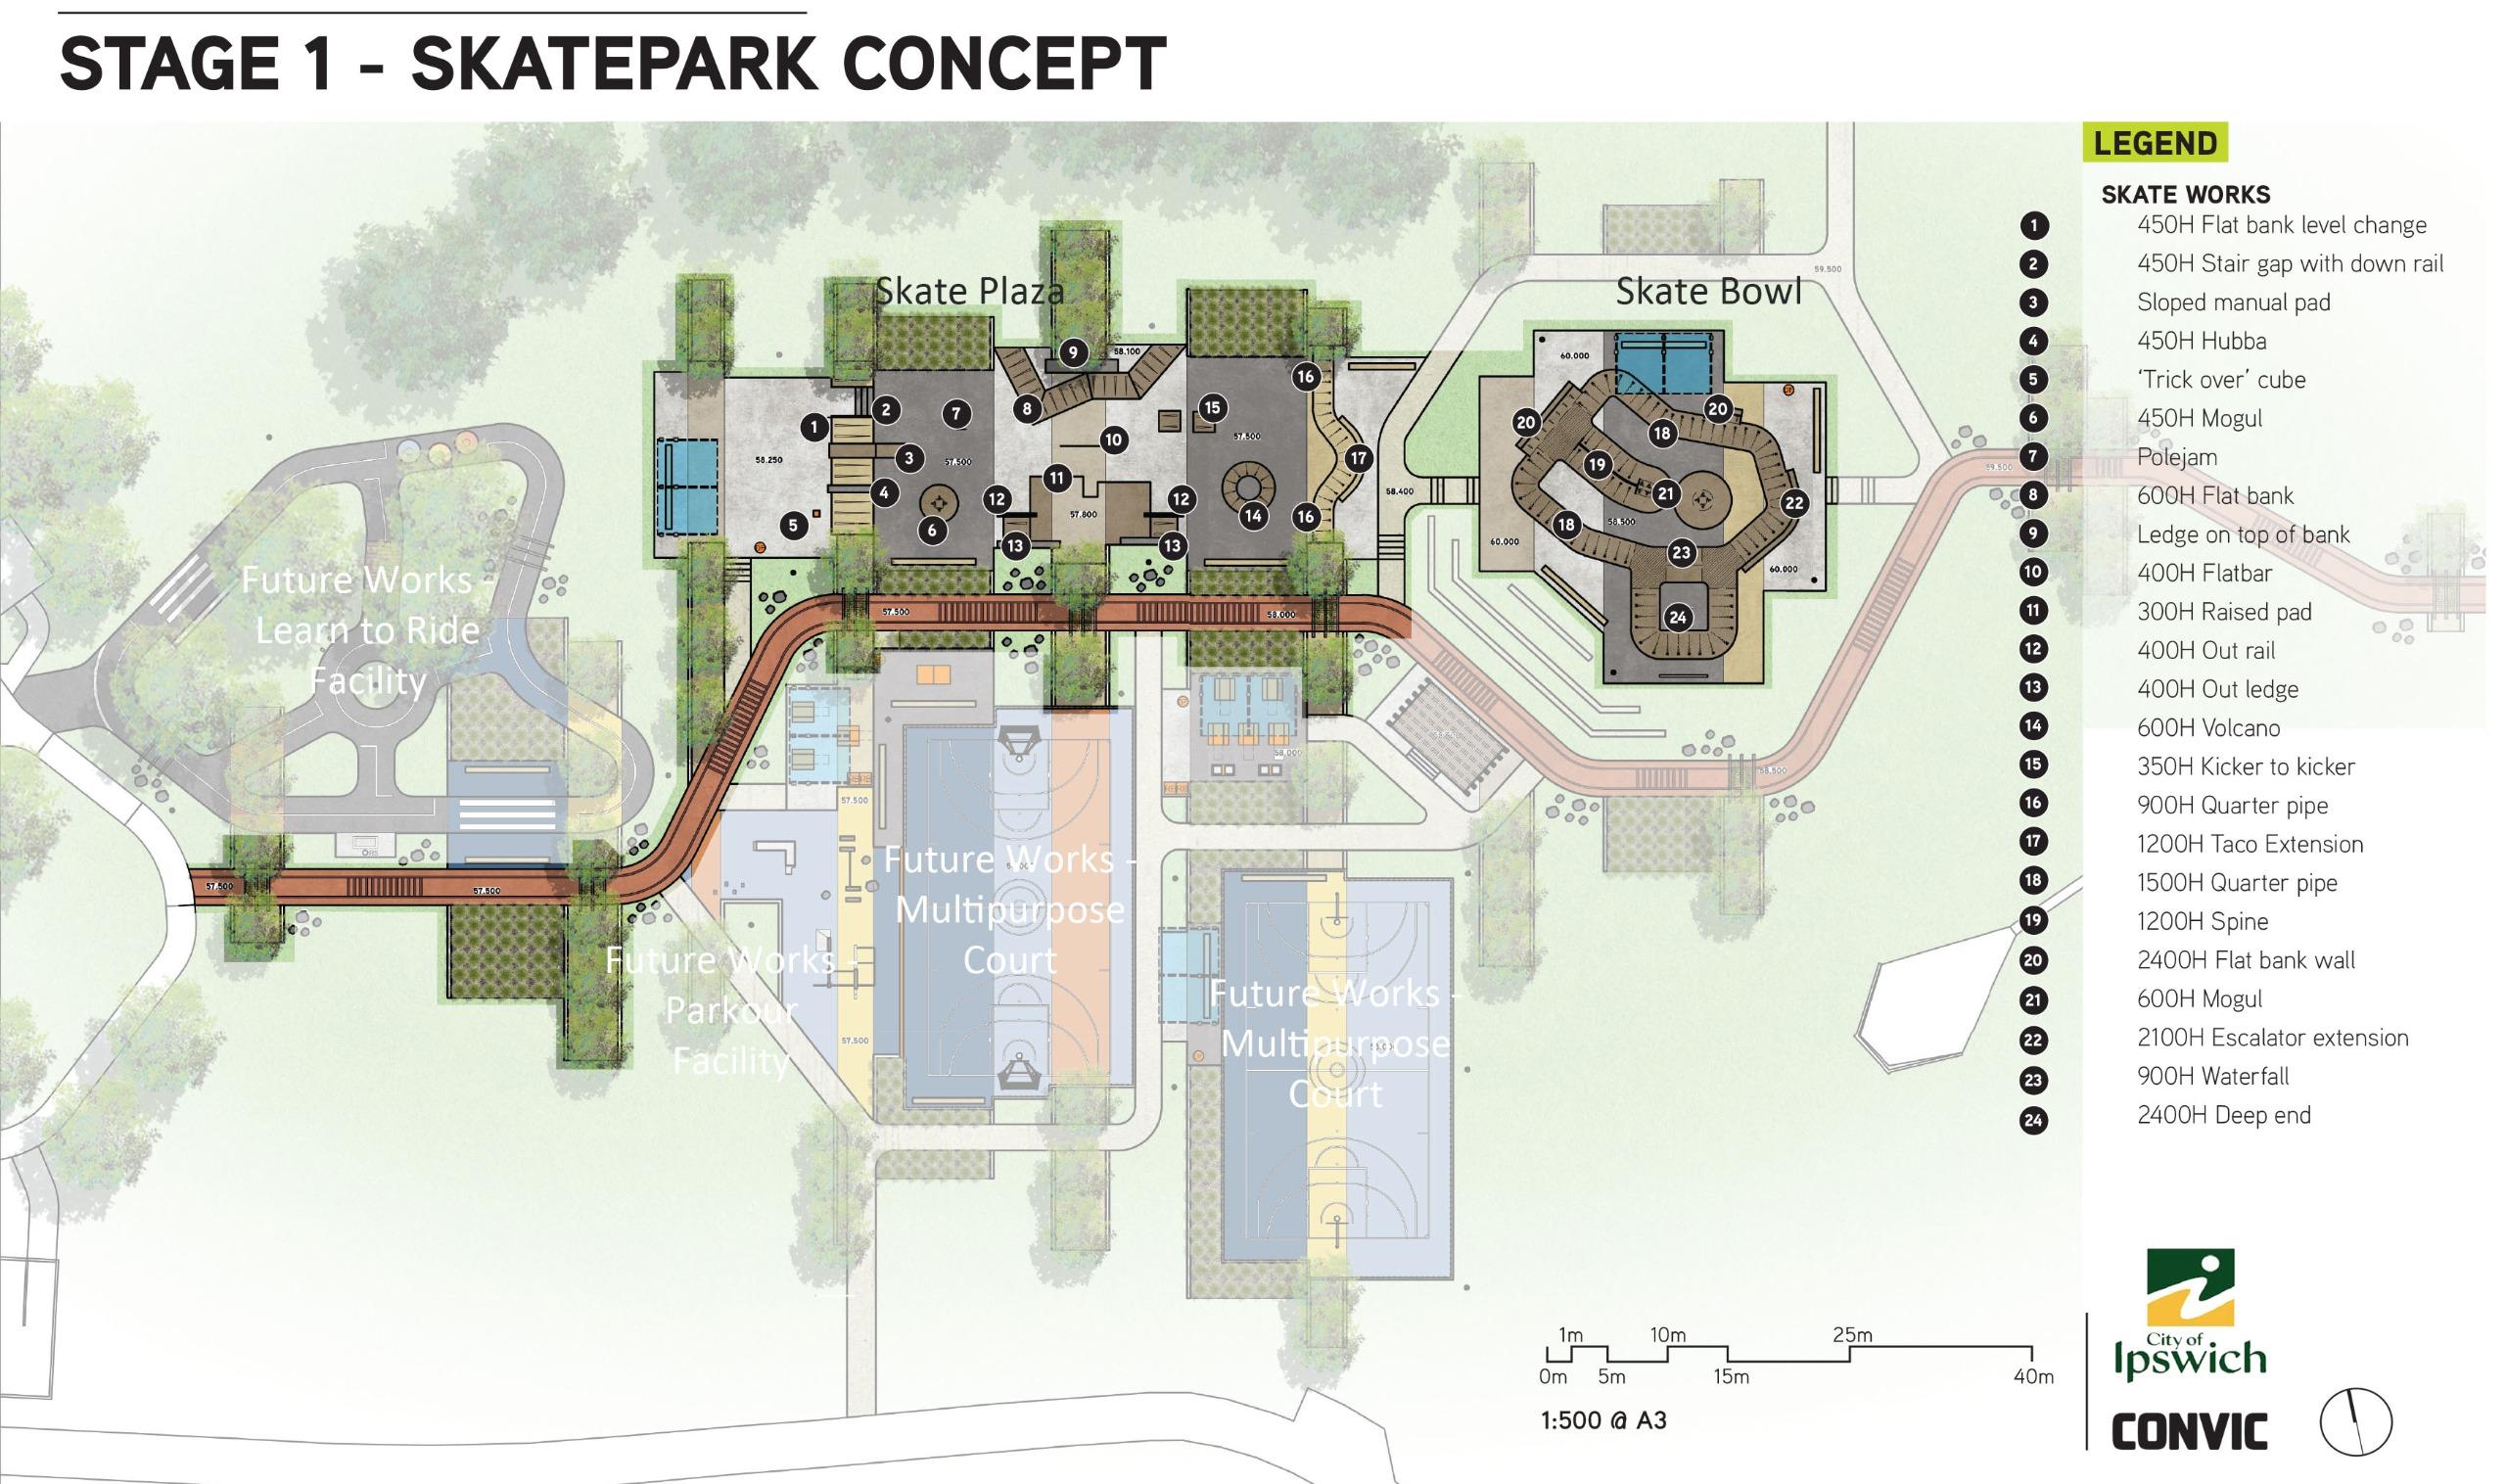 Stage 1 skate park design concept